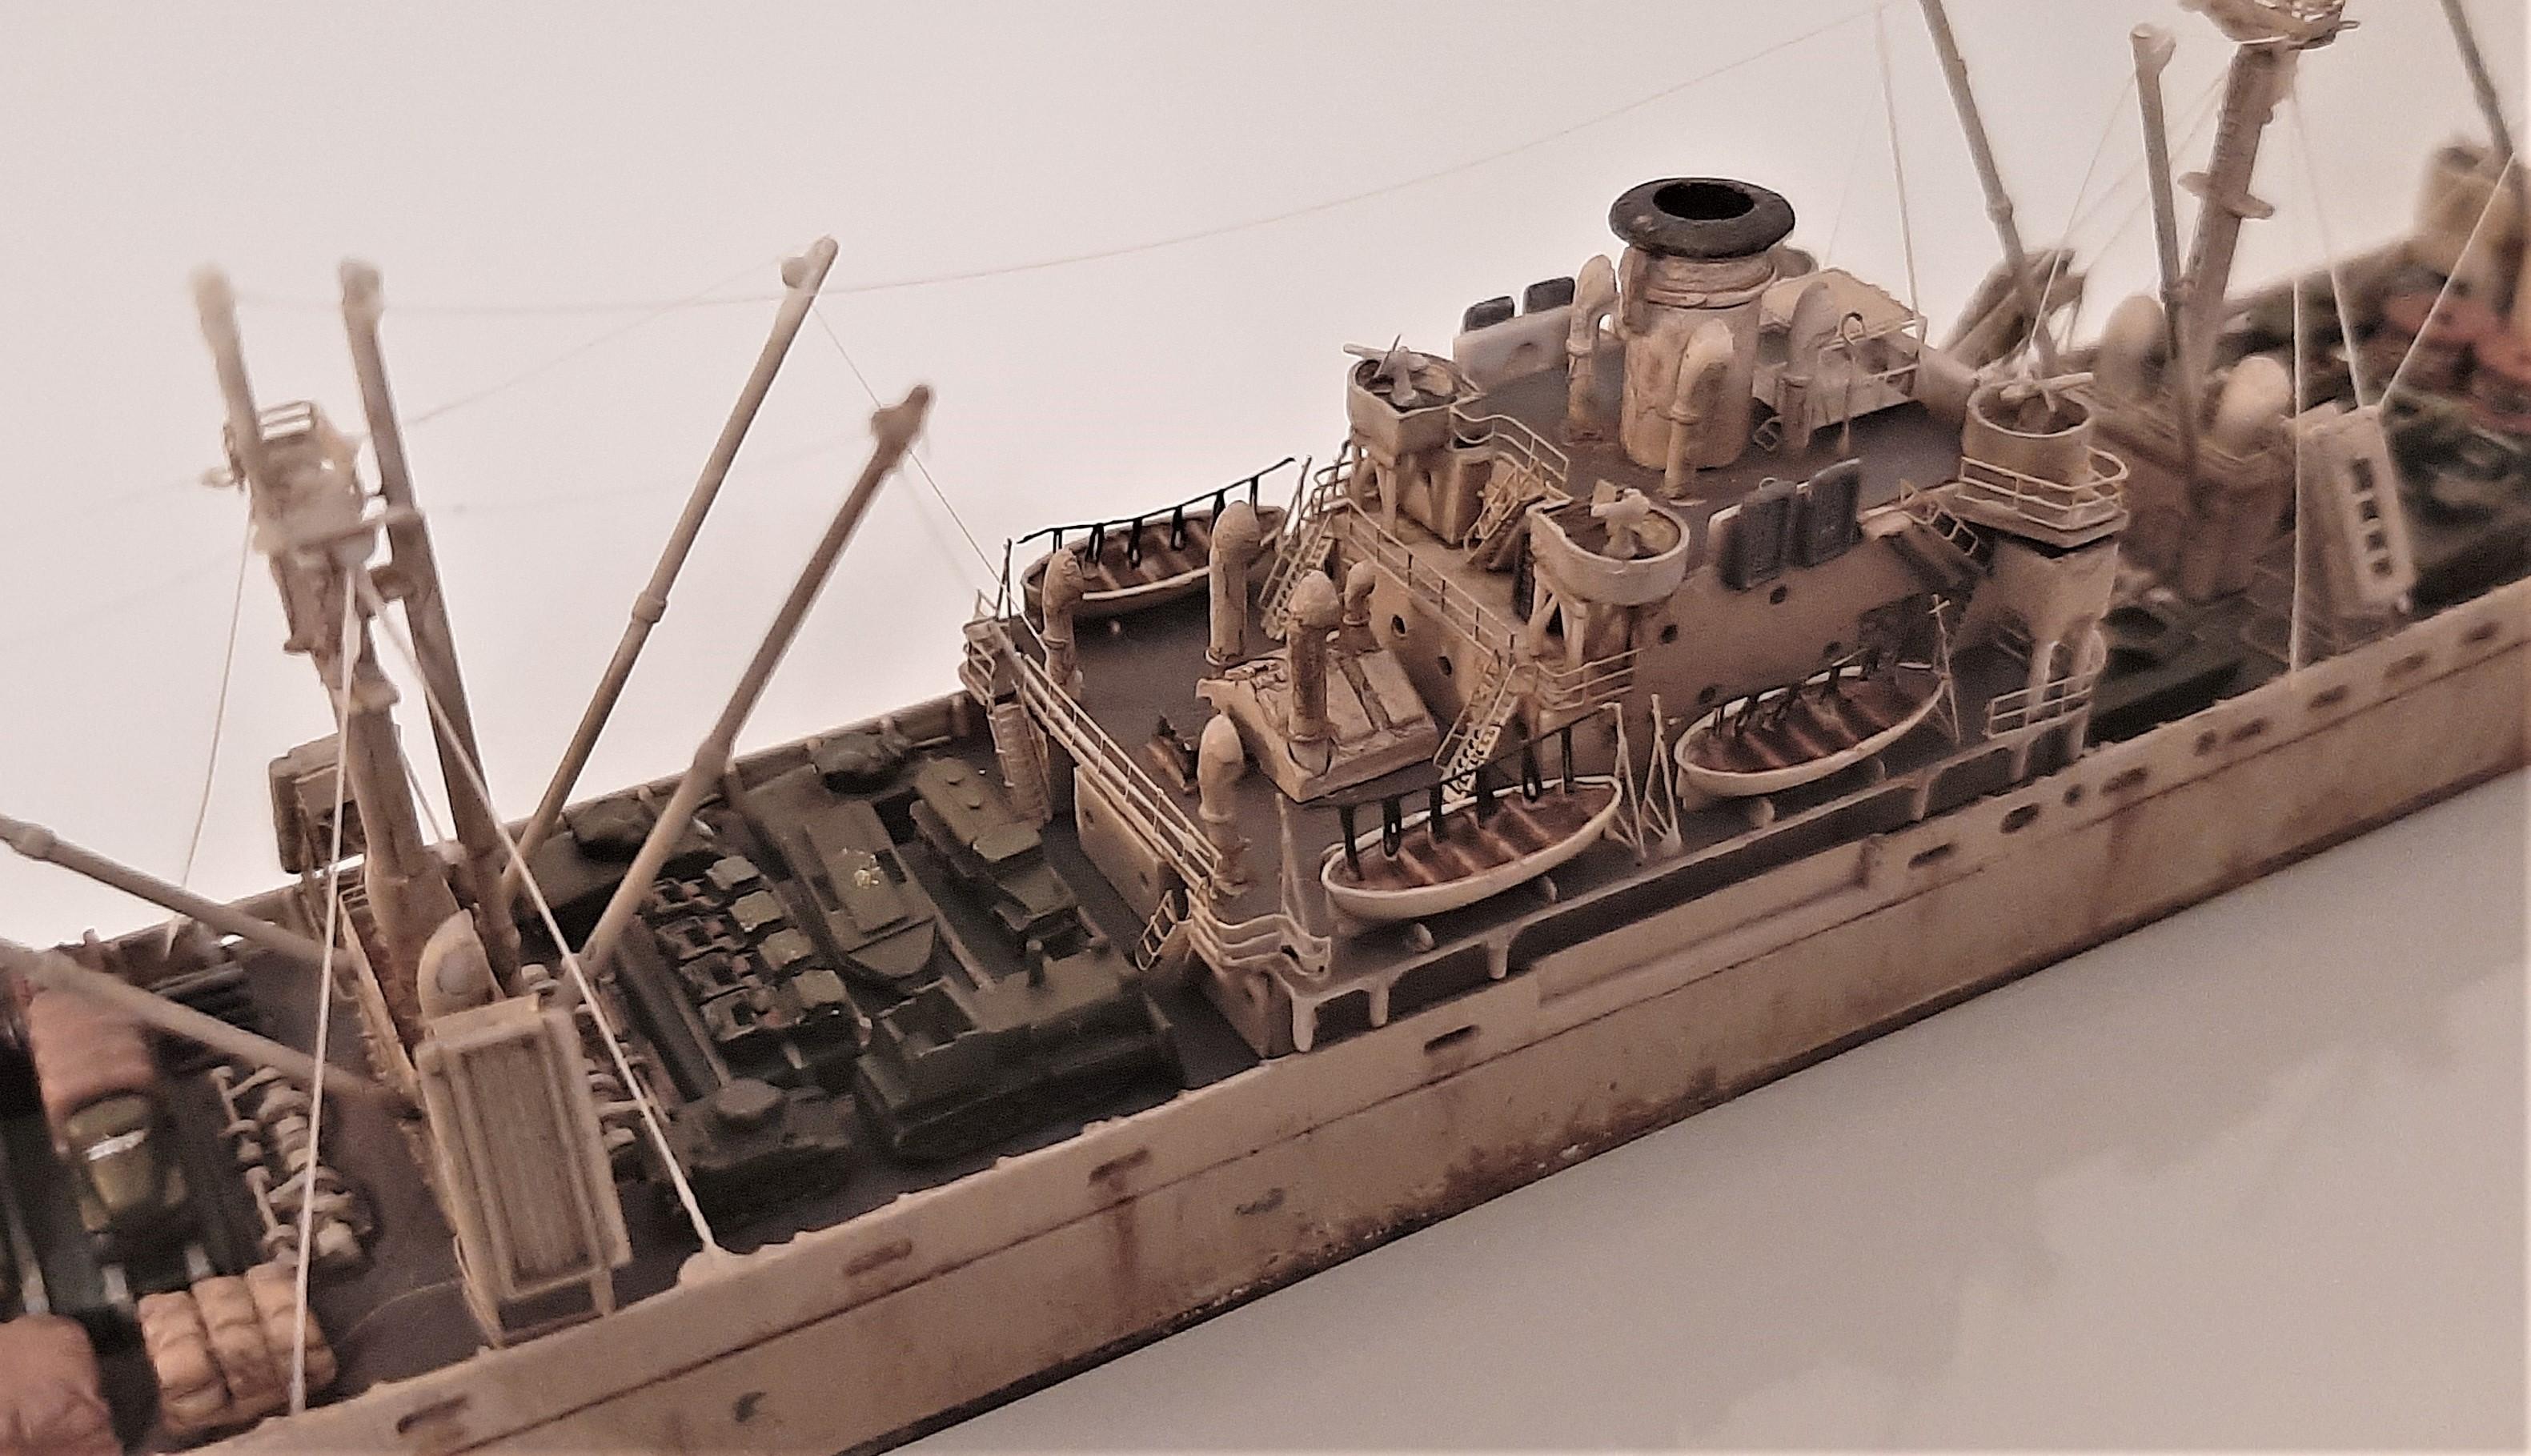 Liberty ship Jeremiah O'Brien 1/700 Trumpeter  OigW27k